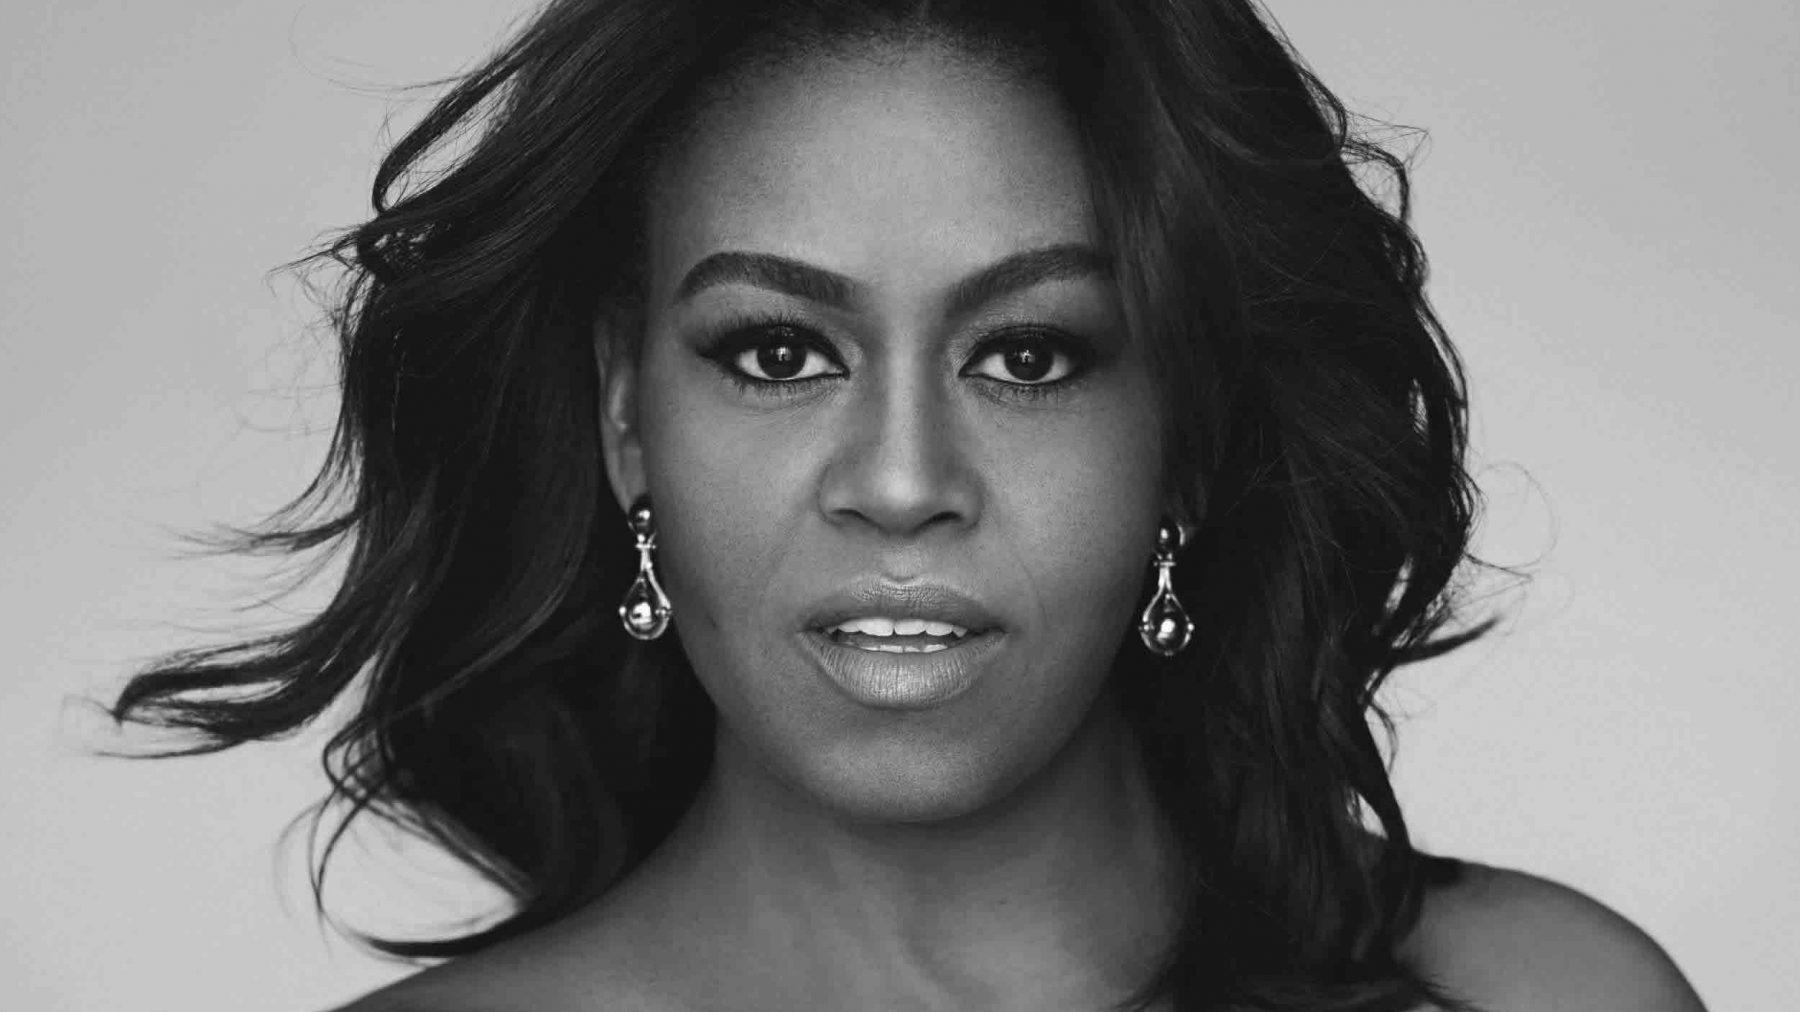 Michelle Obama uitgeroepen tot meest bewonderde vrouw wereldwijd